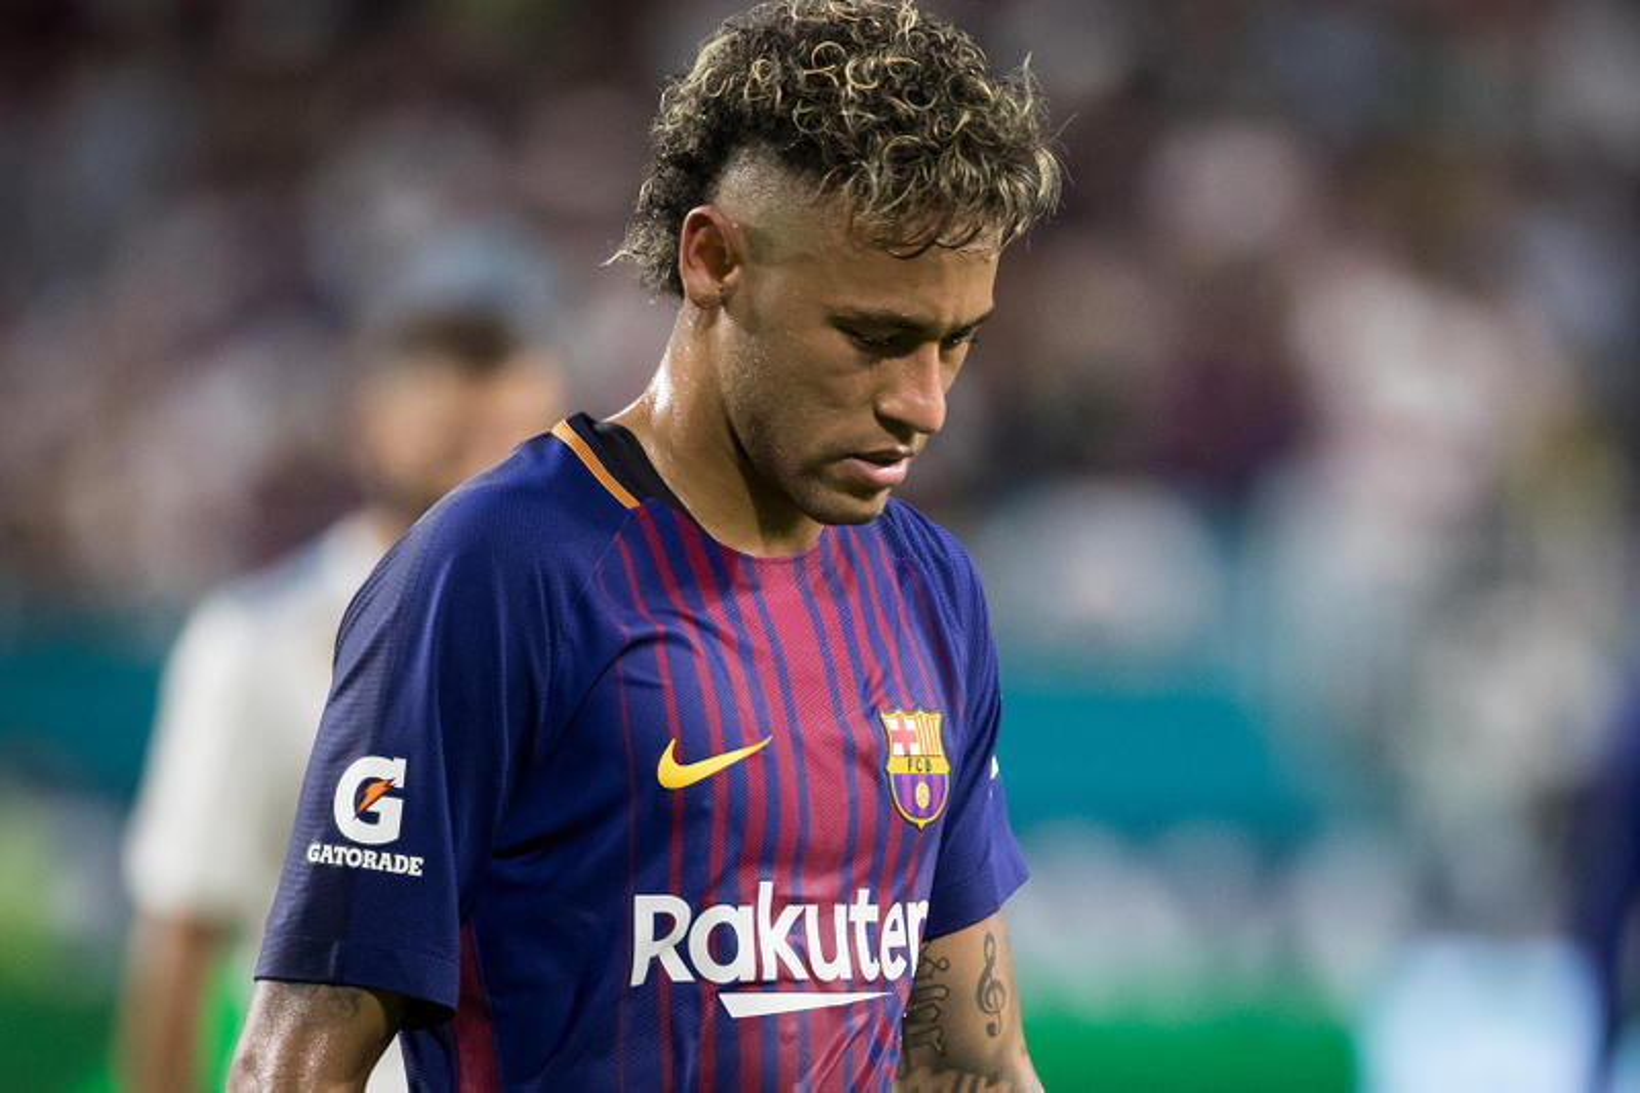 Image result for images for neymar jr